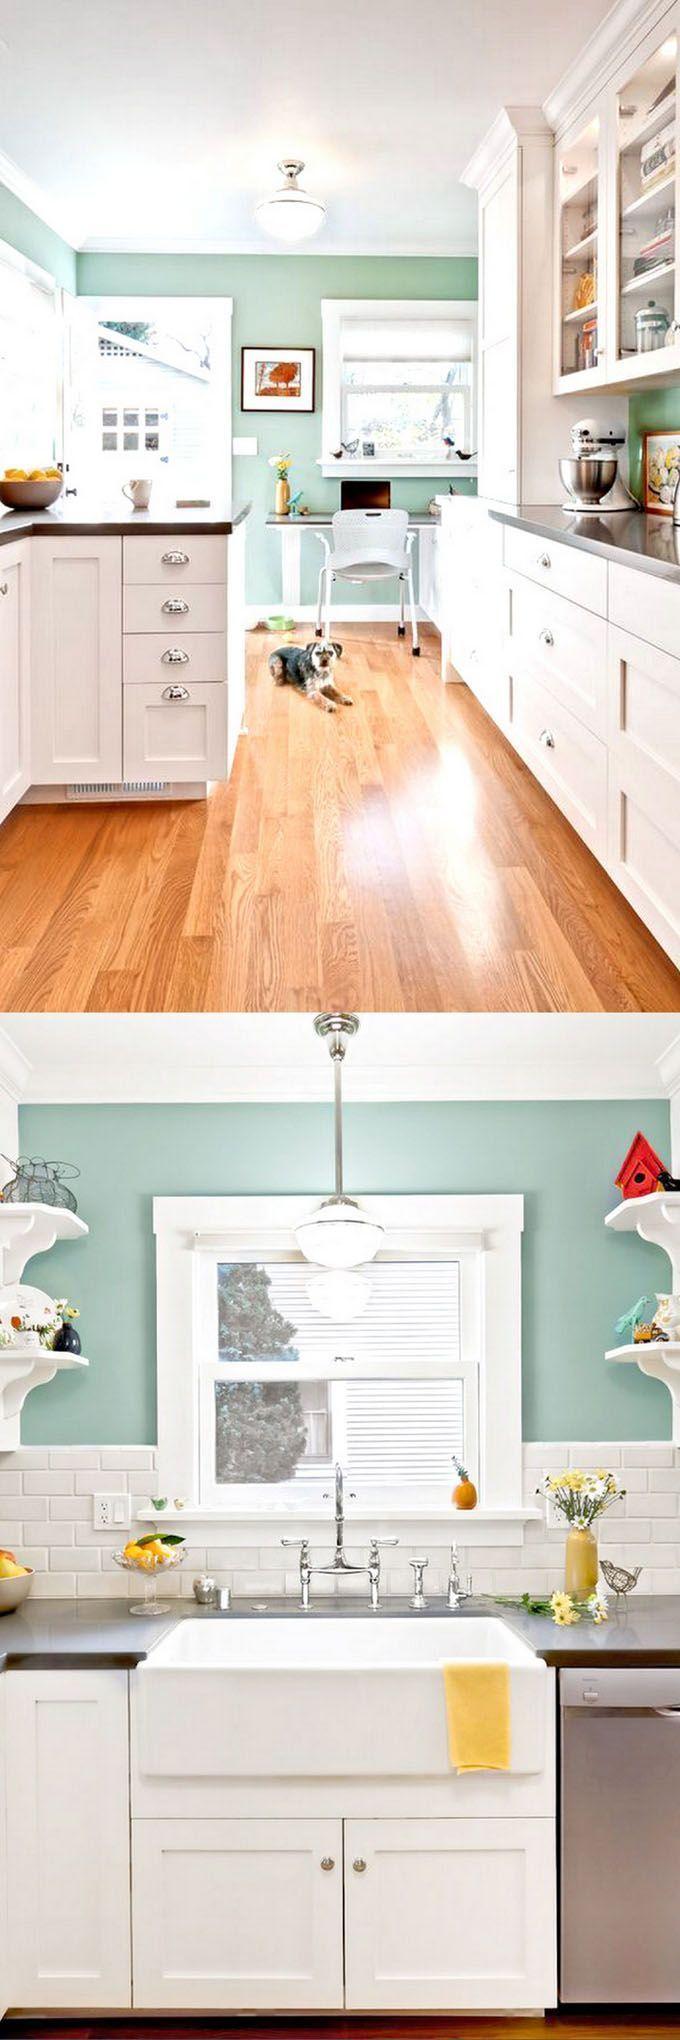 Best 25 Modern kitchen paint ideas on Pinterest Kitchen paint